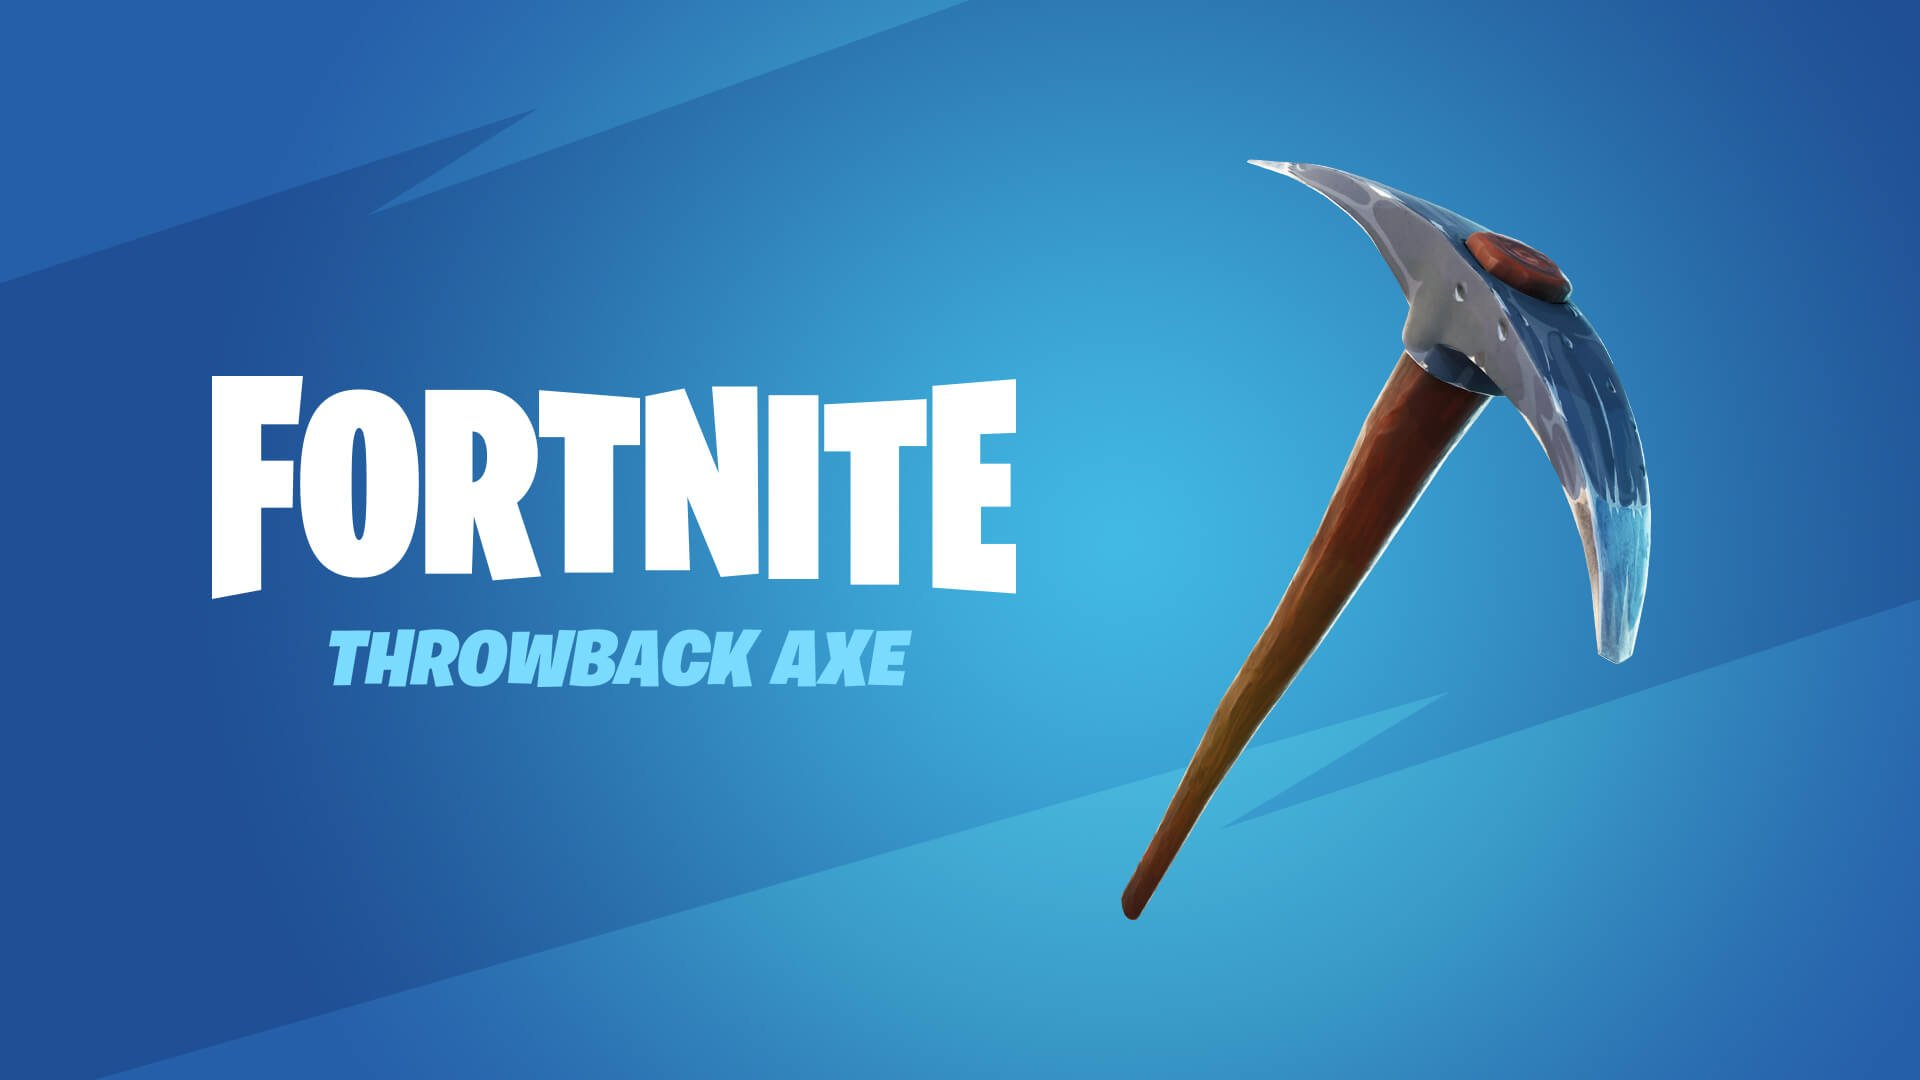 Fortnite Throwback Axe OG Default Pickaxe